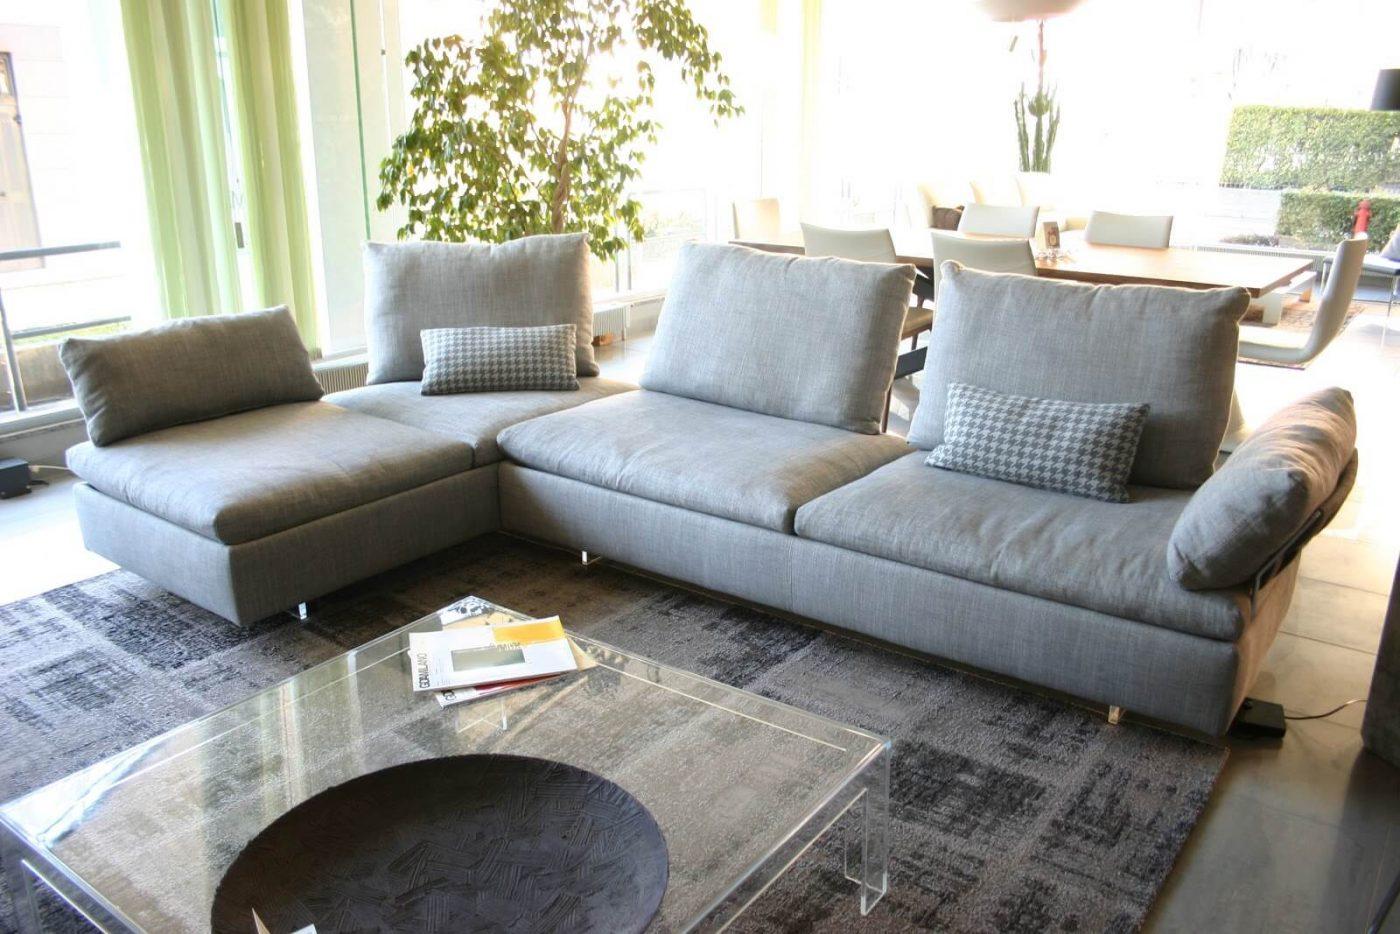 divano Limes Saba in tessuto grigio visibile nella nostra esposizione di Zogno Bergamo, schienale messo a 45° per creare penisola angolo